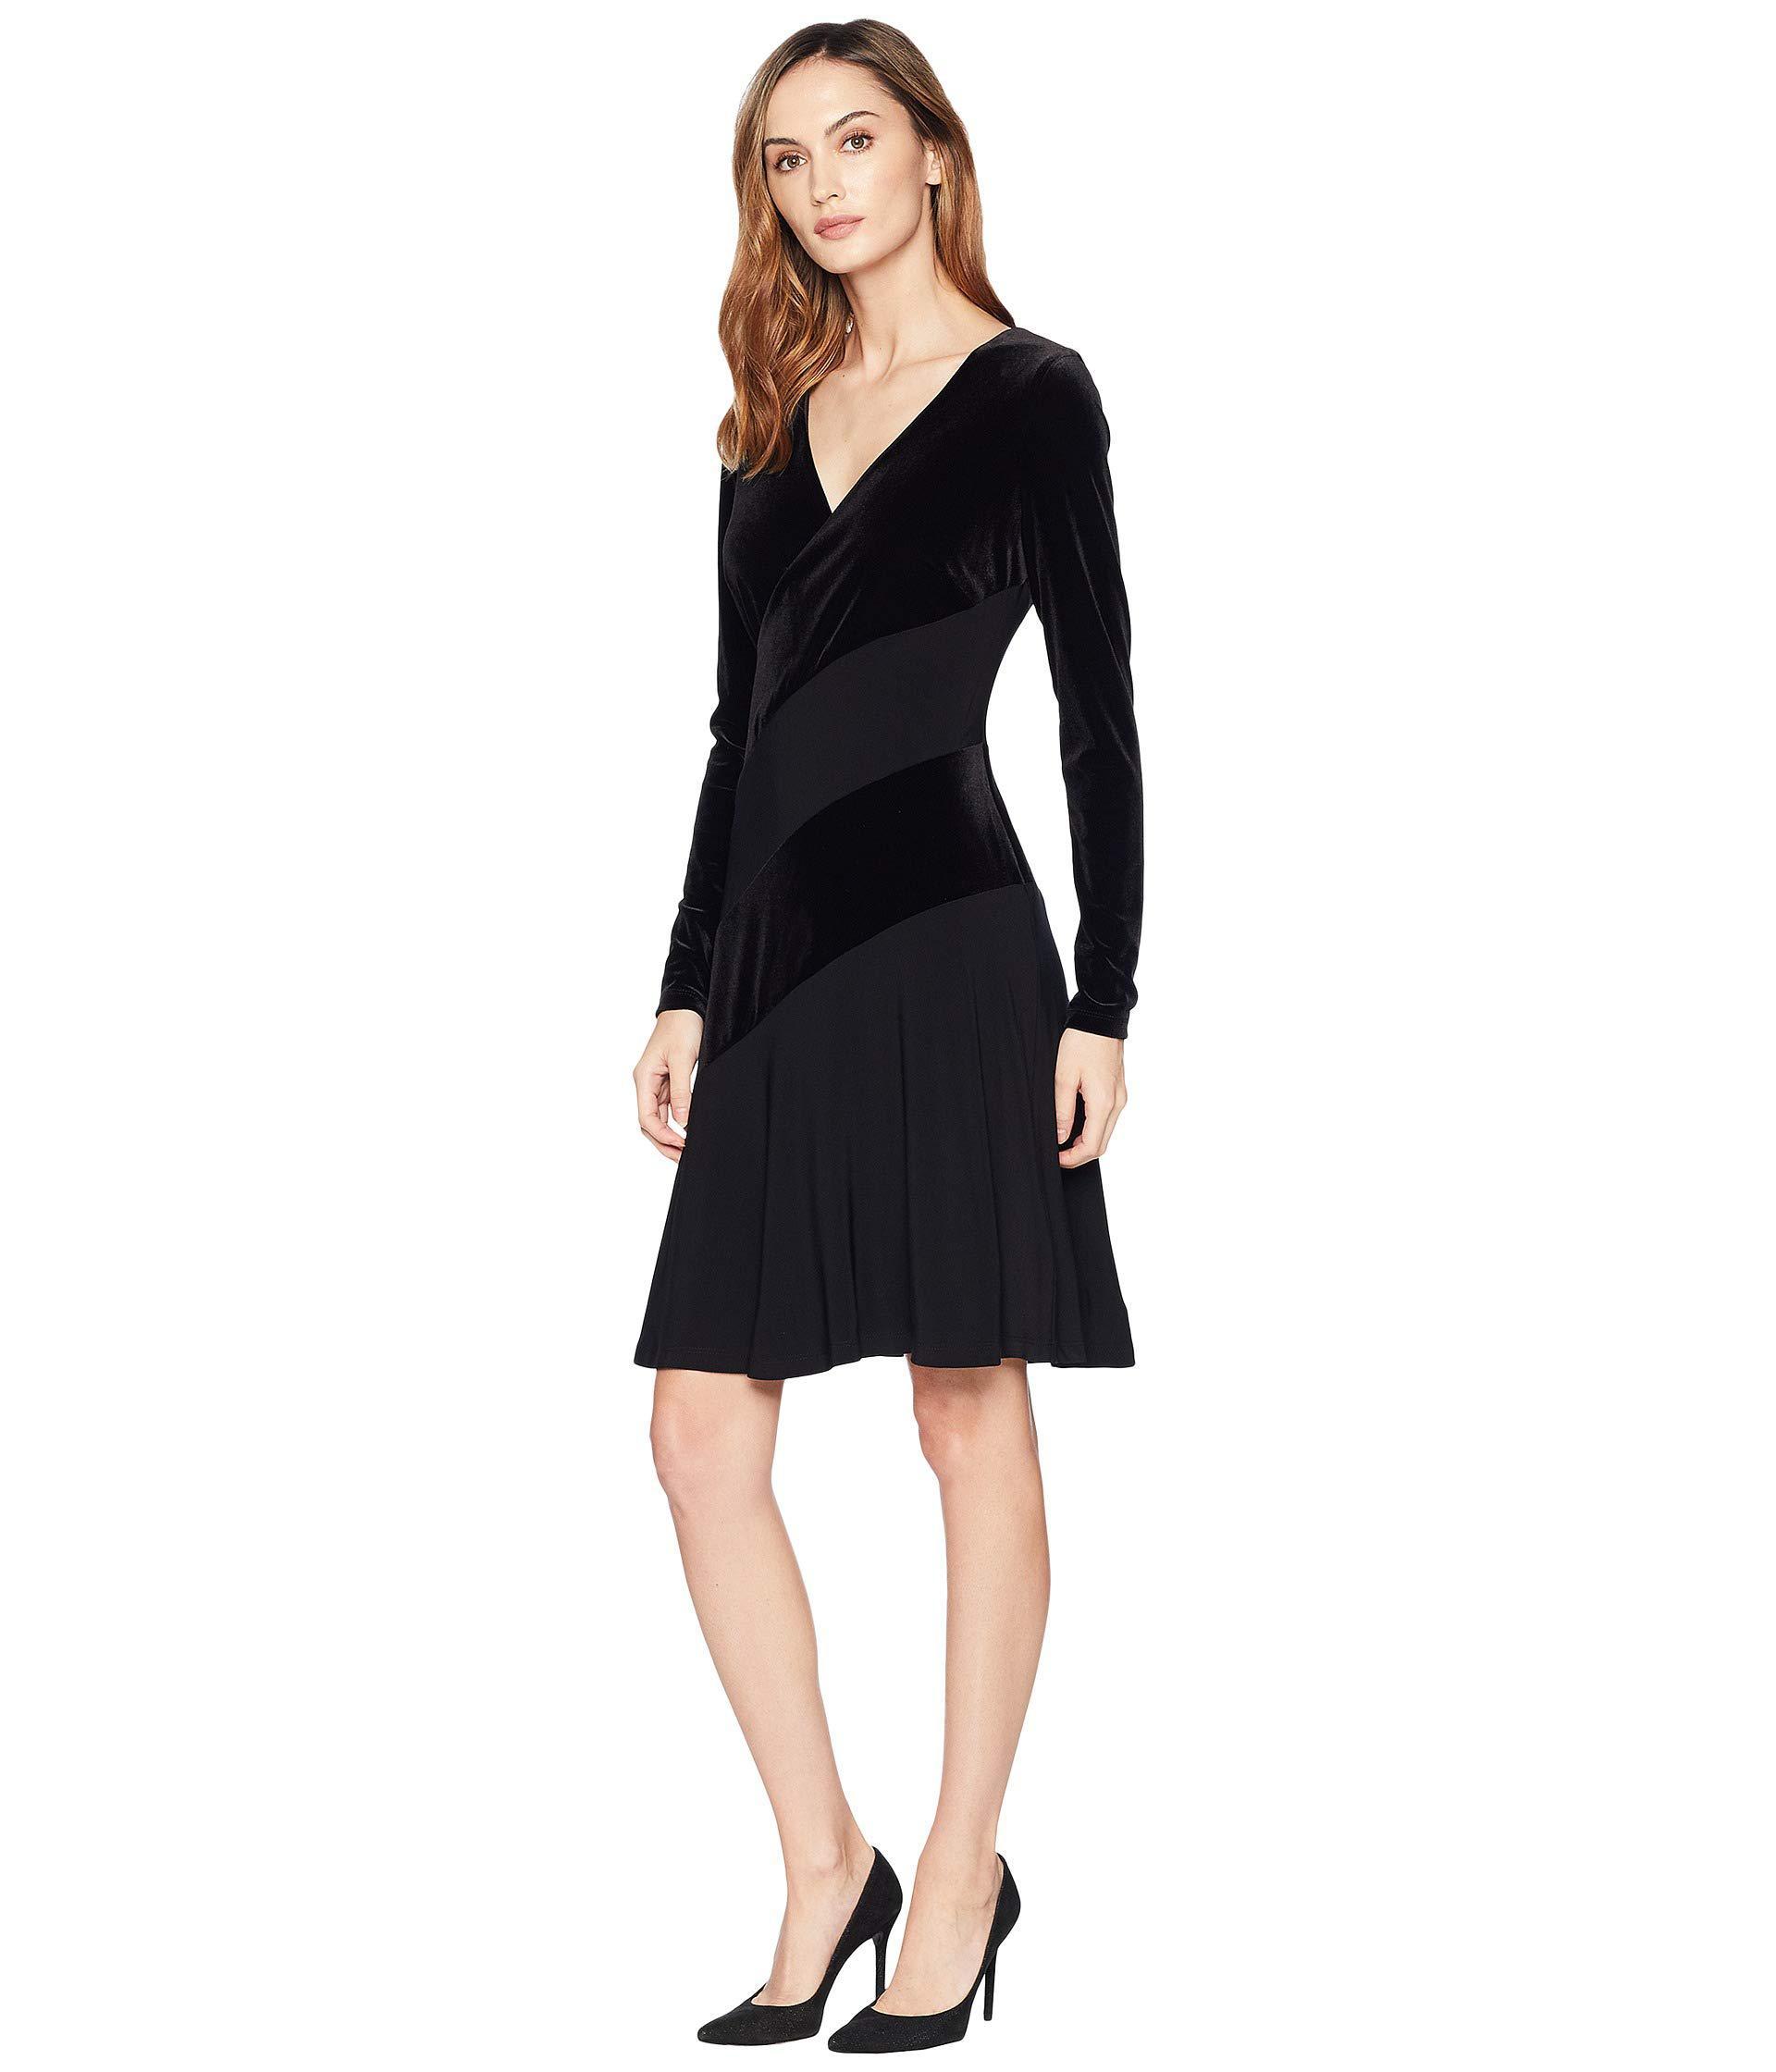 Lyst Lauren By Ralph Lauren Elvarina Dress Black Black Women S